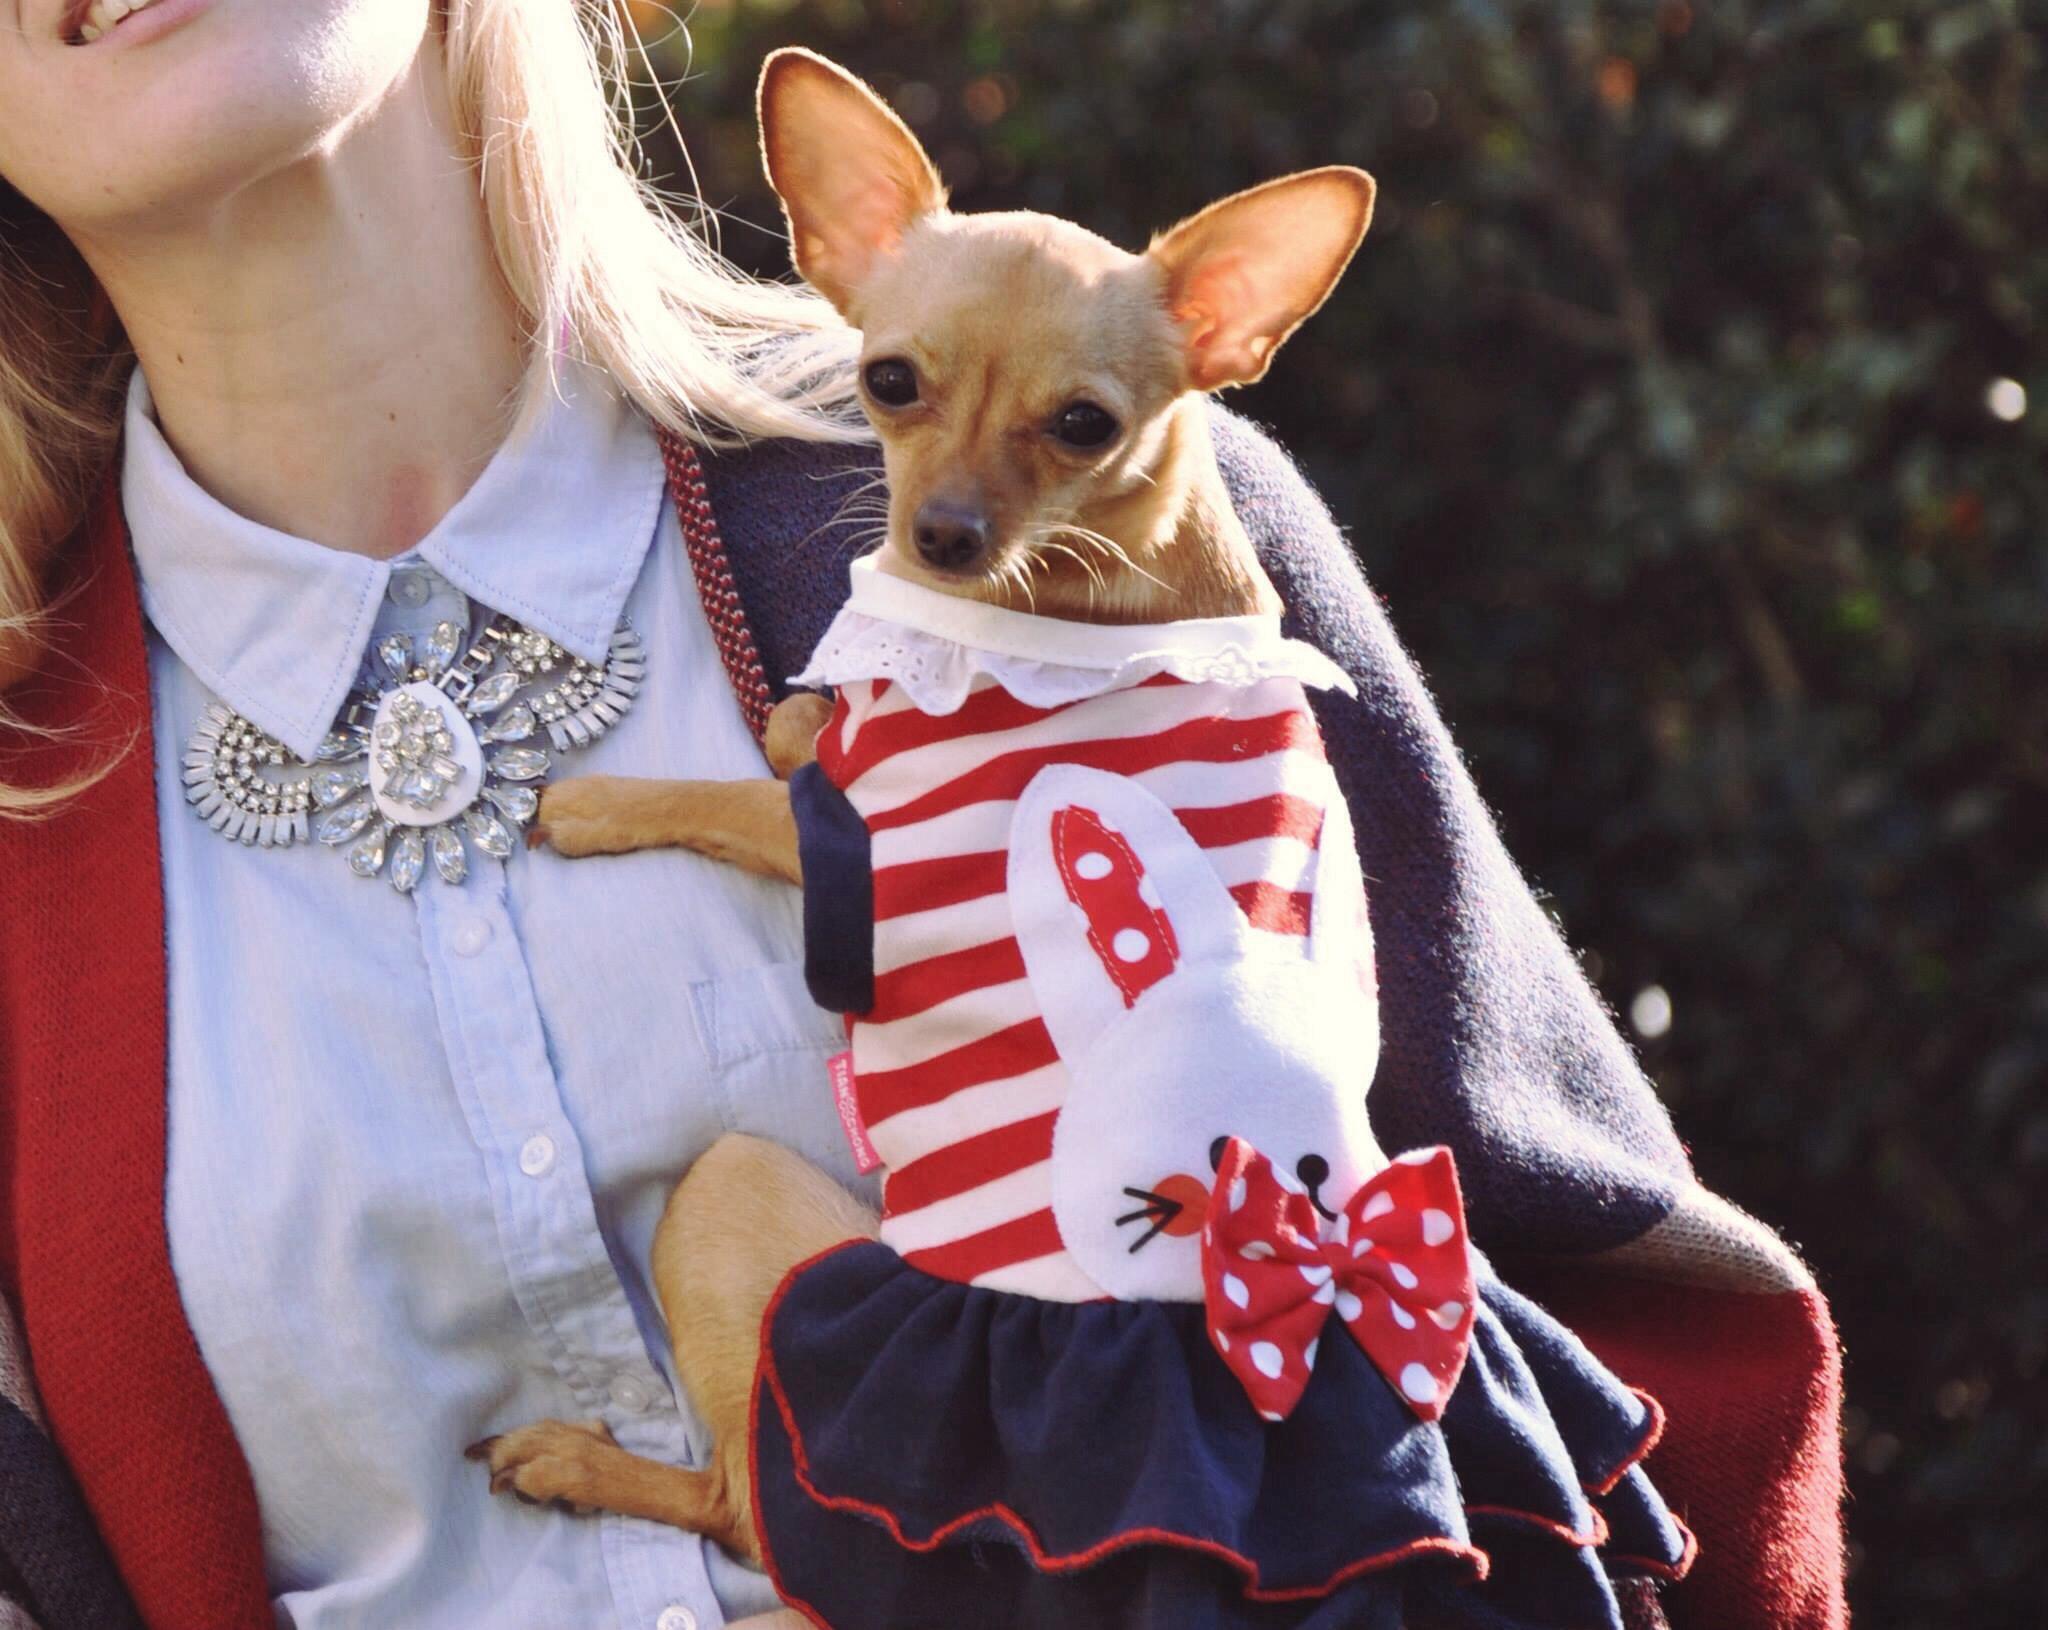 cat&dog-catdog-catanddogdergi-chihuahua-mira-burcu-ozcan-zorlu-center-zorlucenter